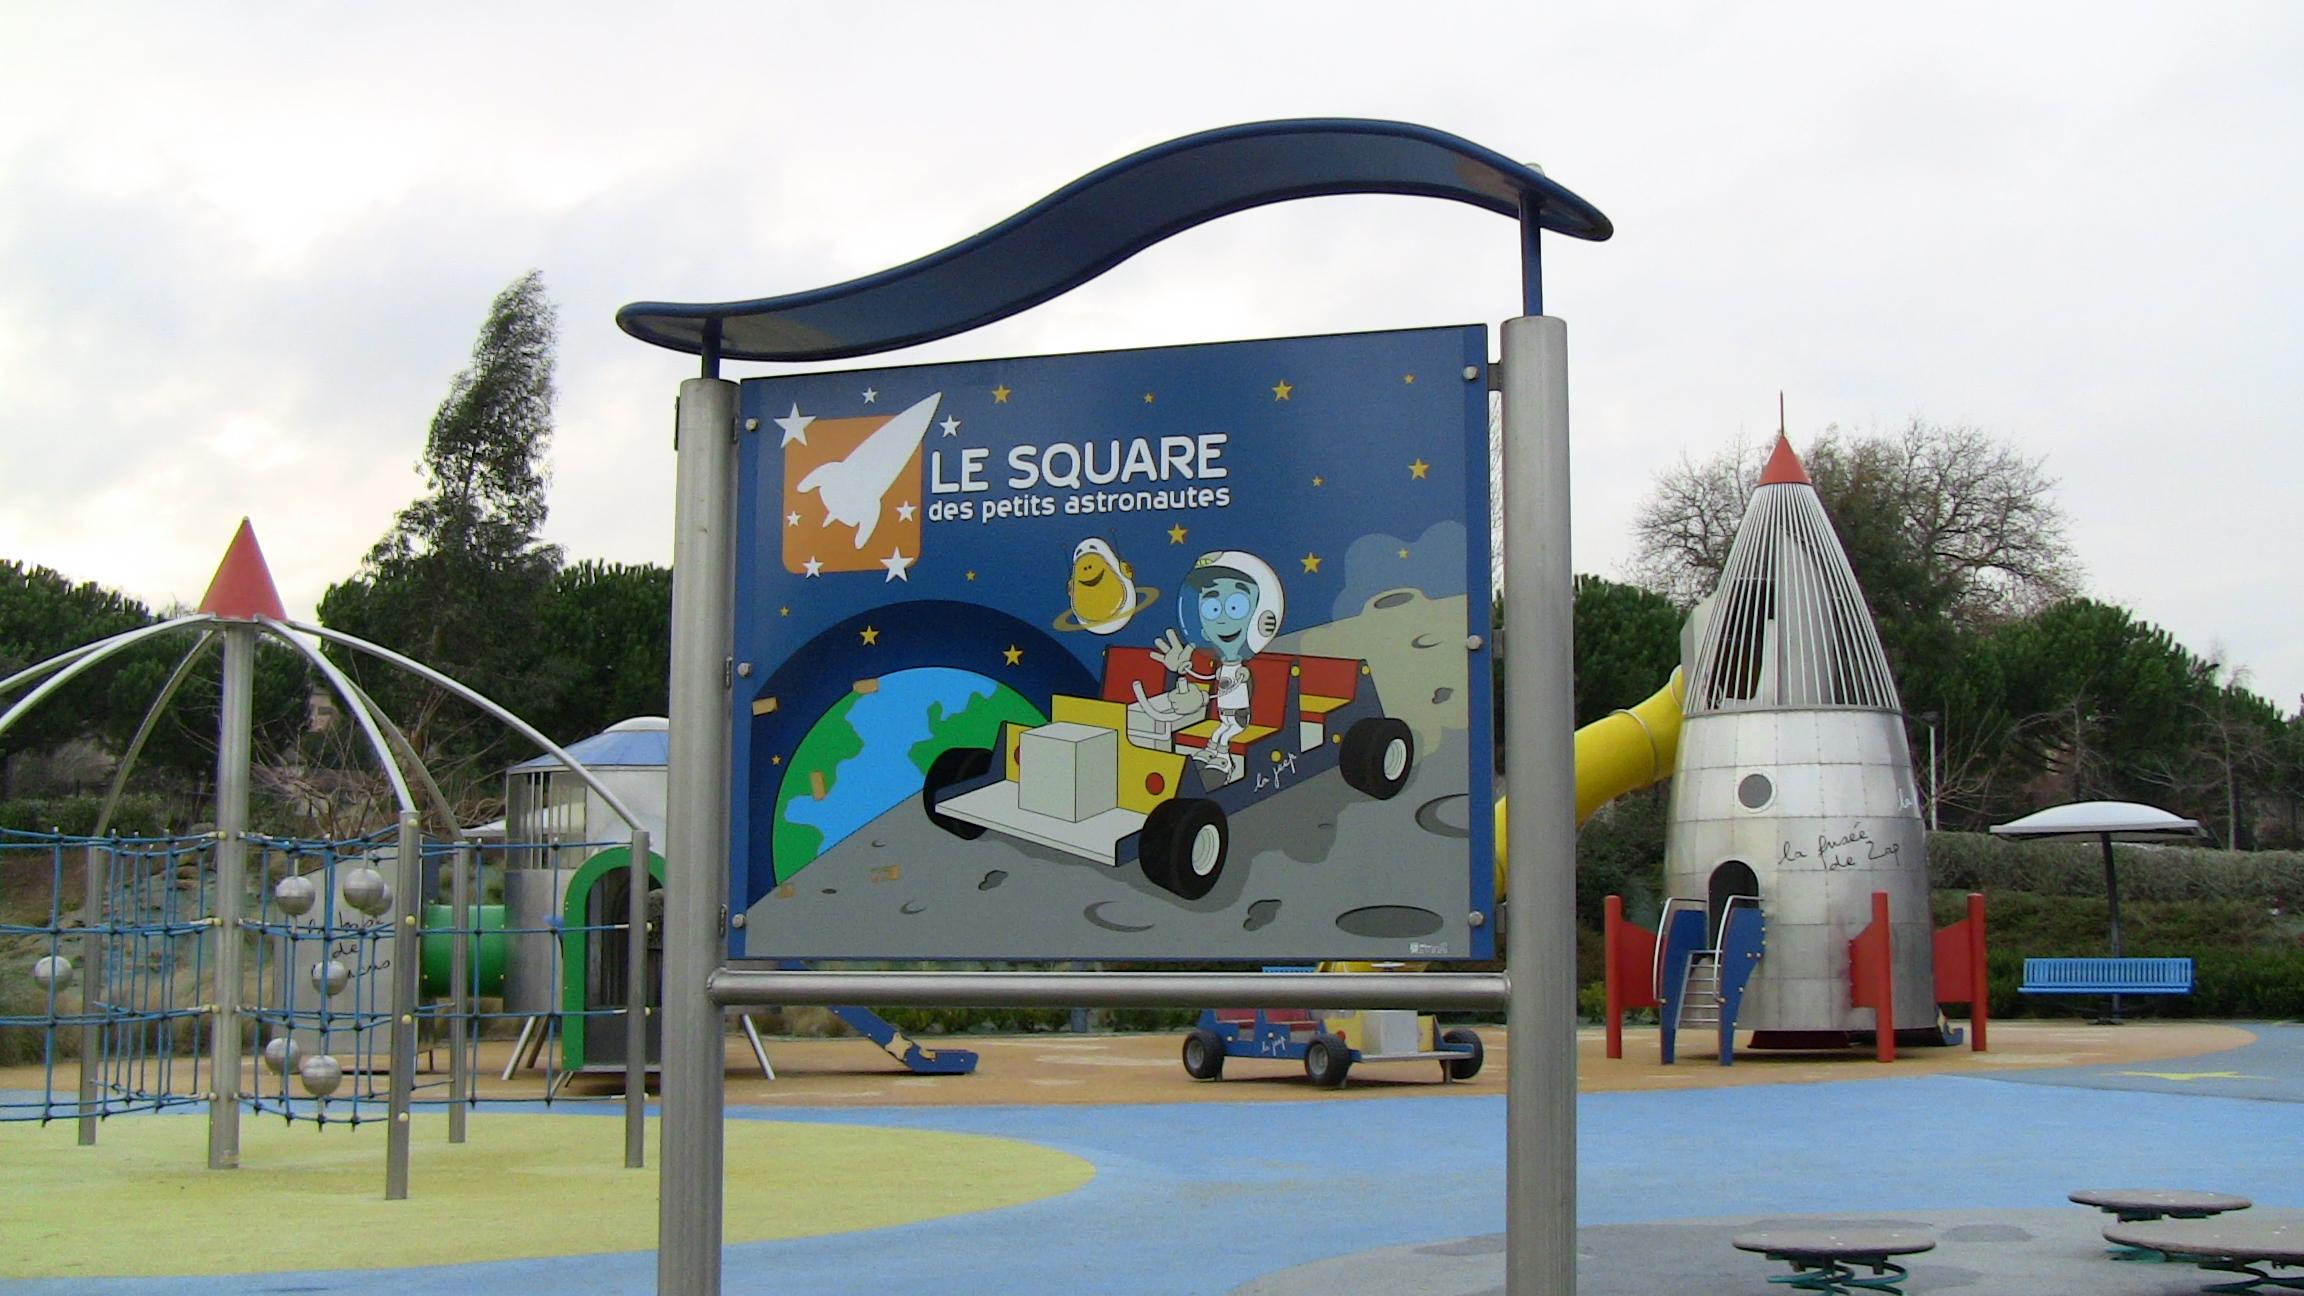 Cité de l'espace de Toulouse. Le Square des petits astronautes.